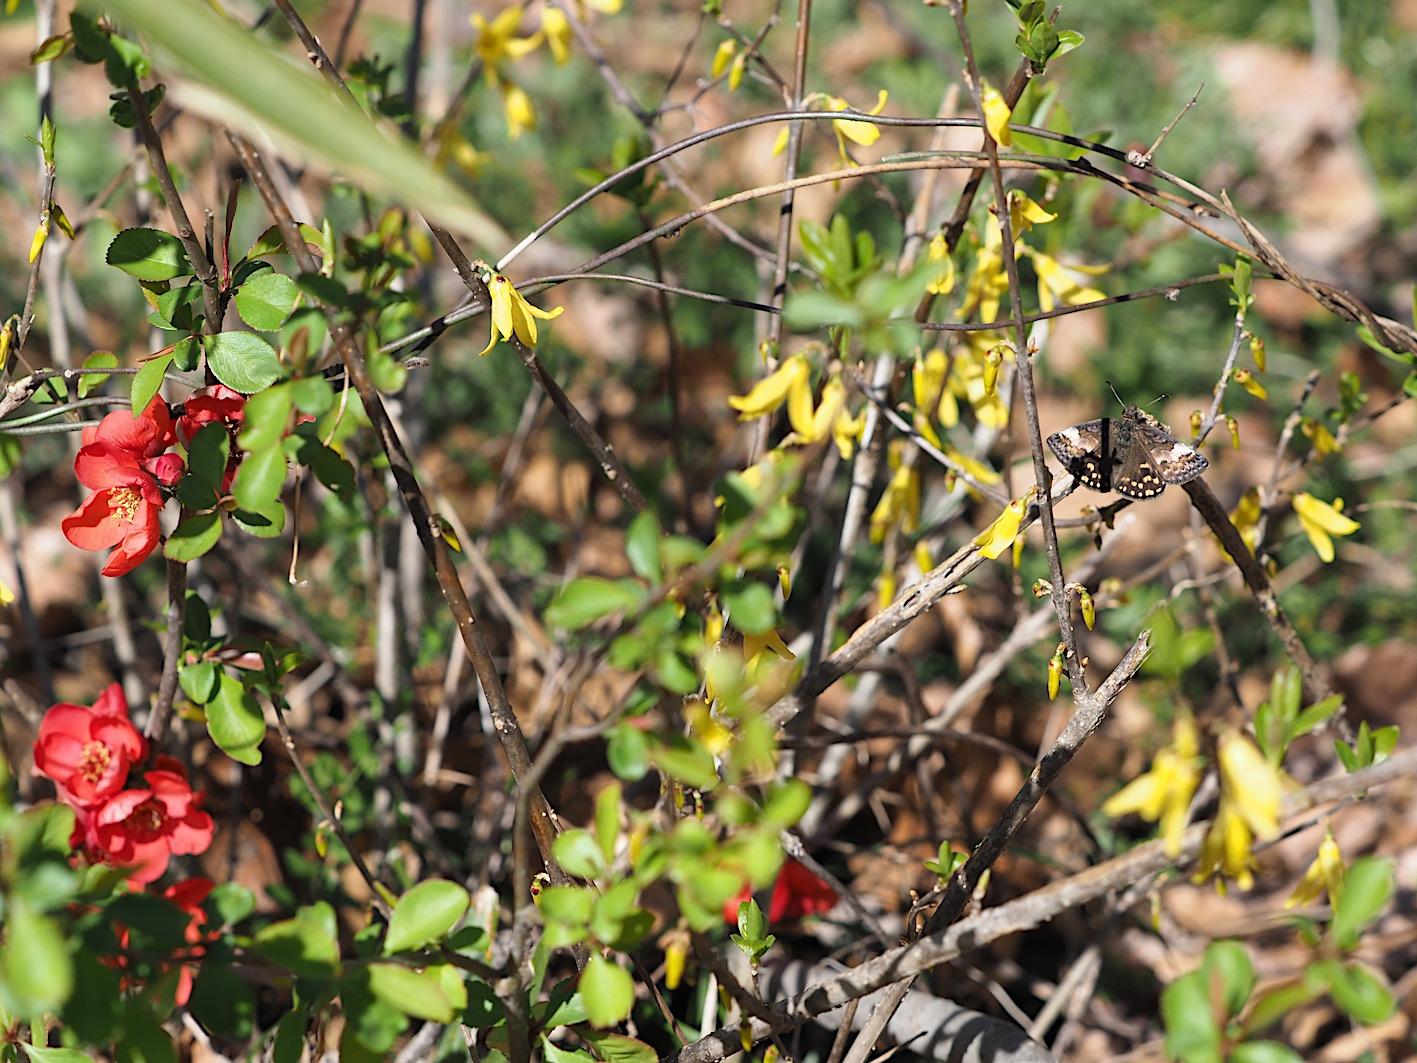 アセビにくる蝶たち、ミヤマセセリ(2019年3月26日)_d0303129_1513953.jpg